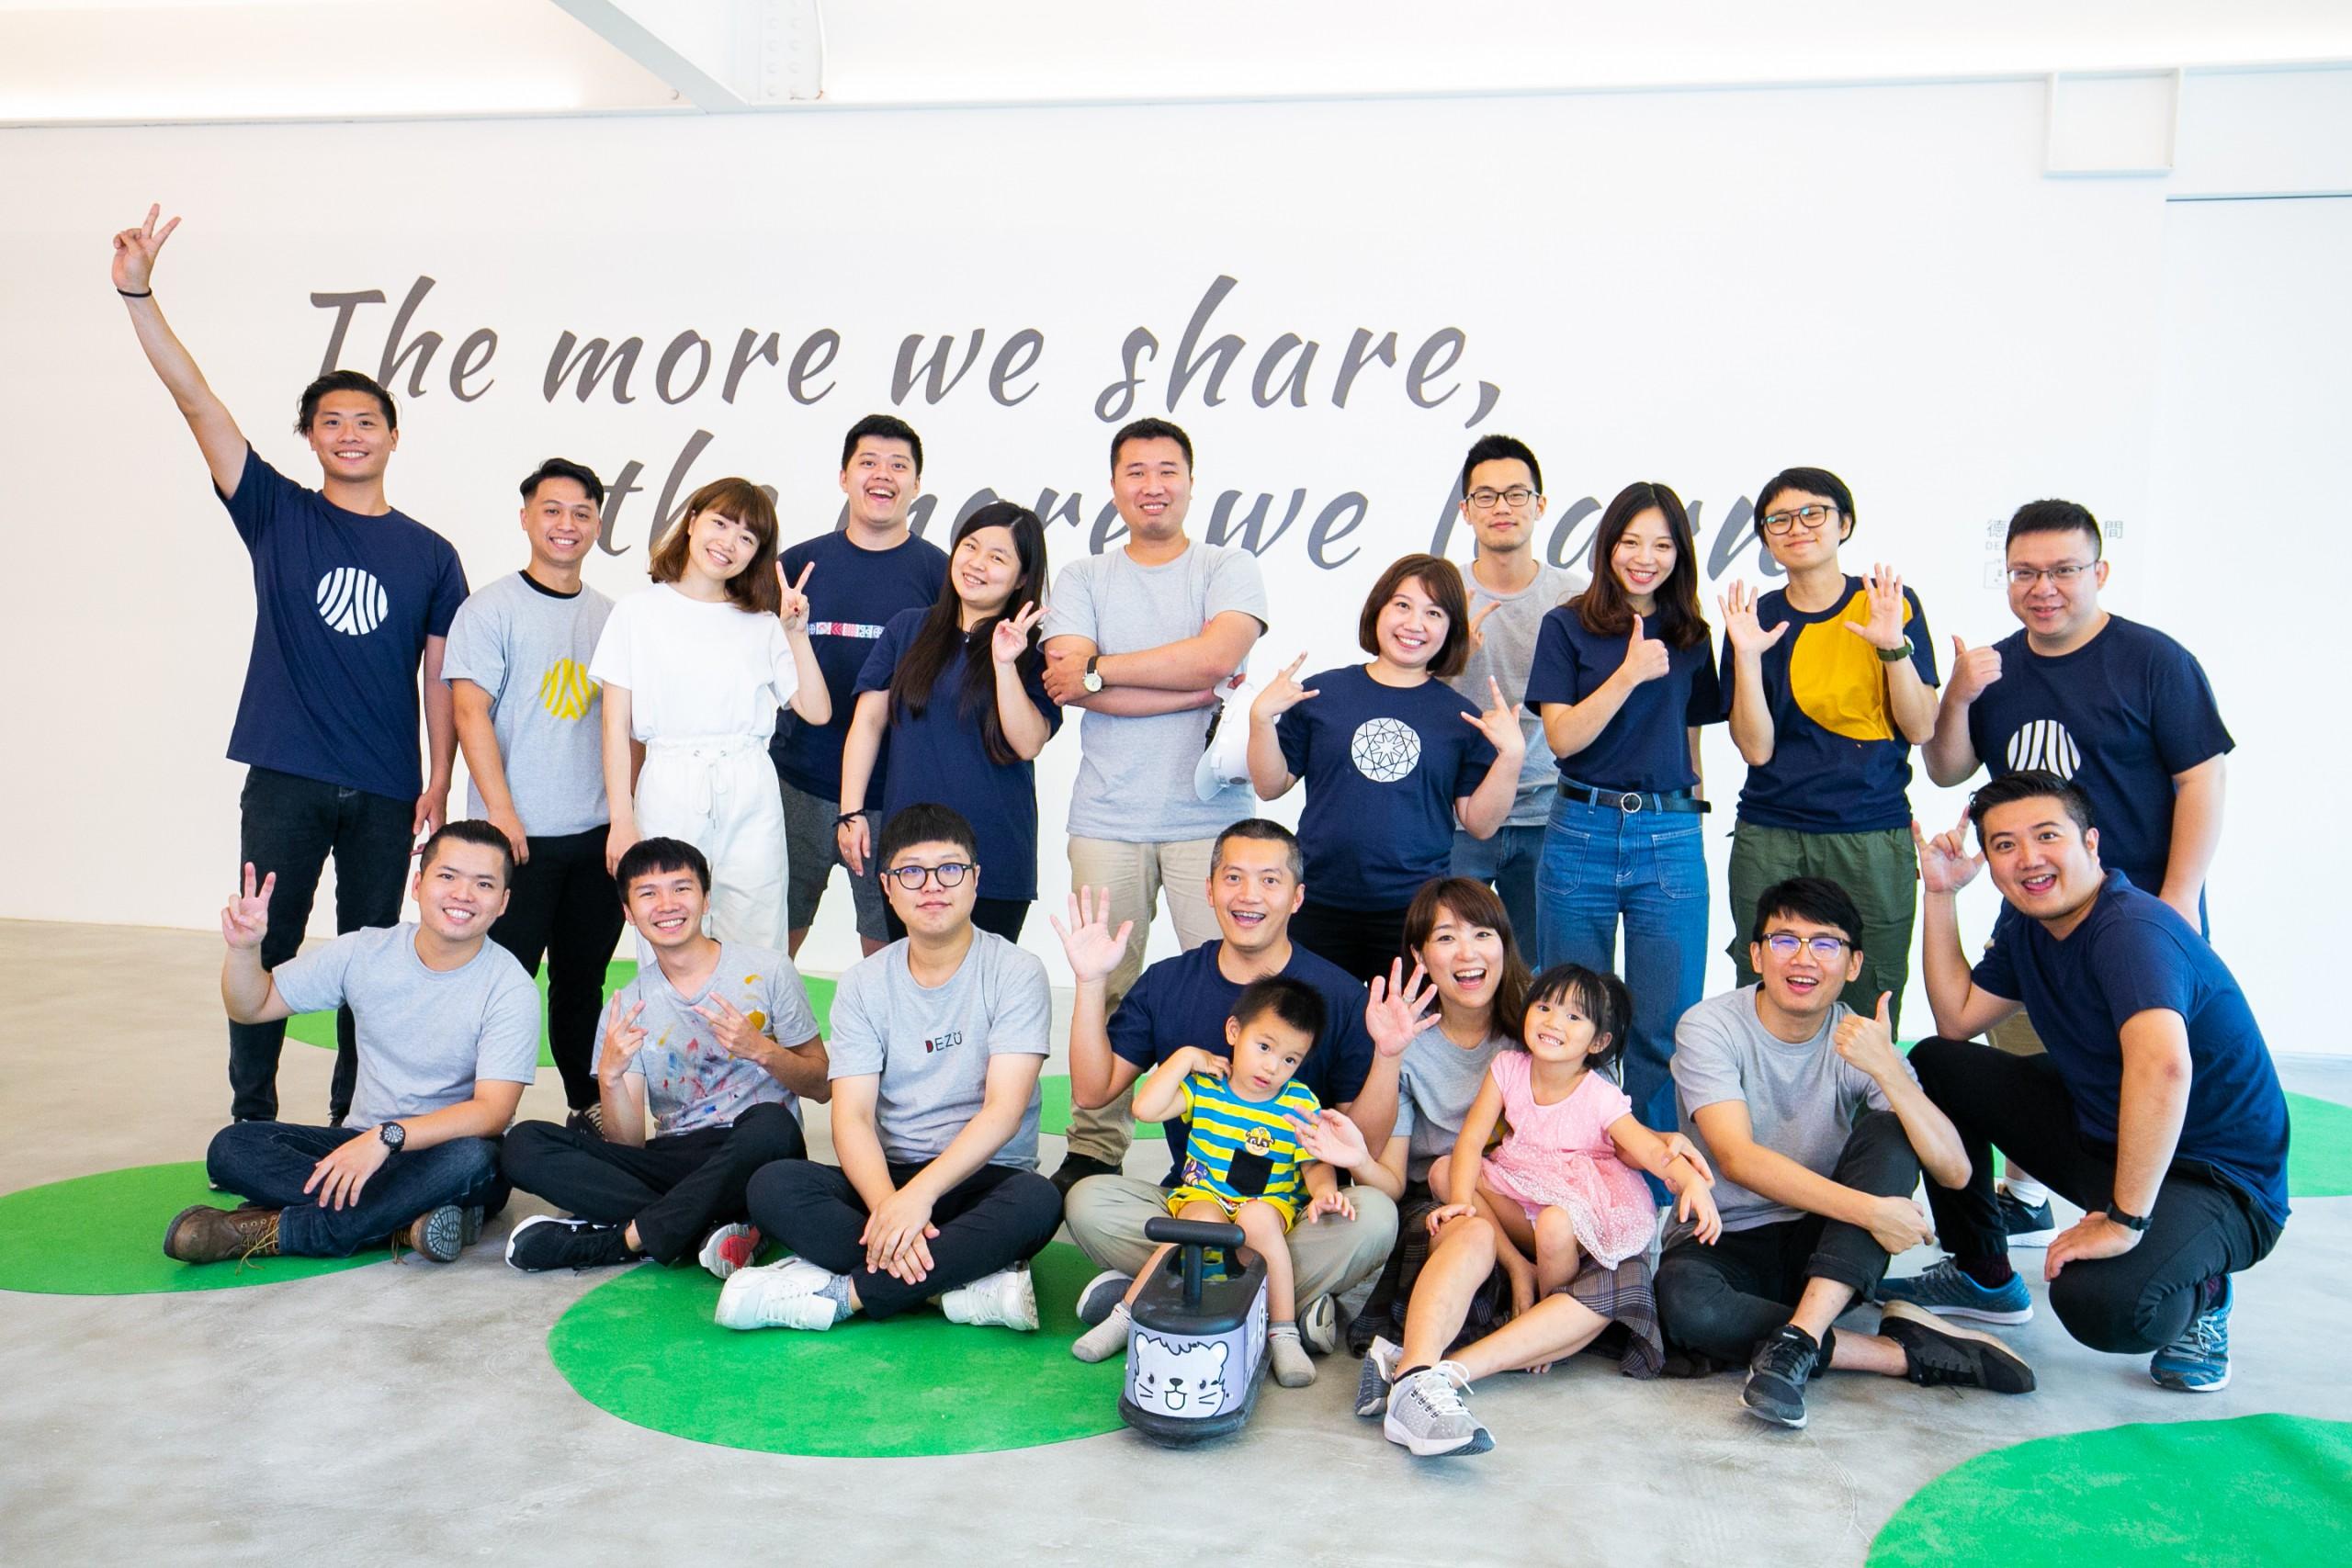 德築-DEZU-project-互動買房體驗-architecture-team-partner